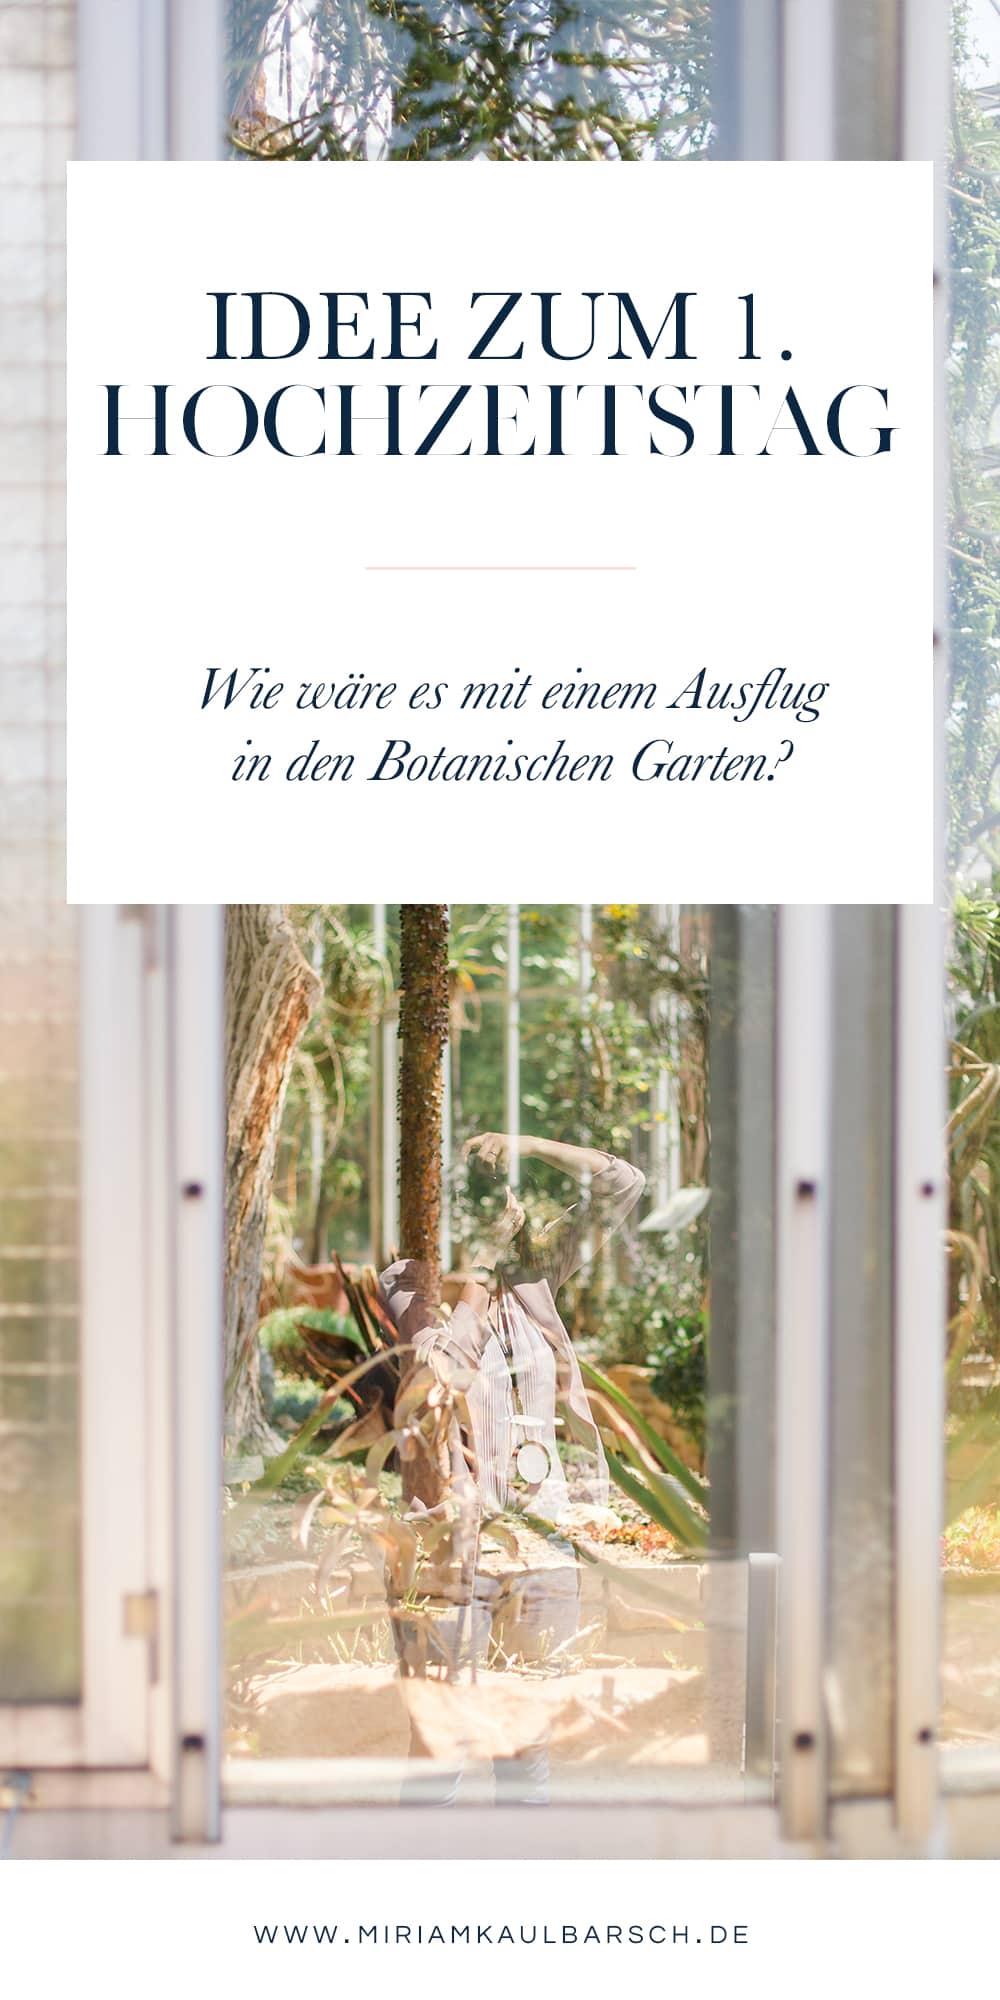 Spiegelung einer Fotografin in der Scheibe eines Gewächshauses - Ausflug zum 1. Hochzeitstag